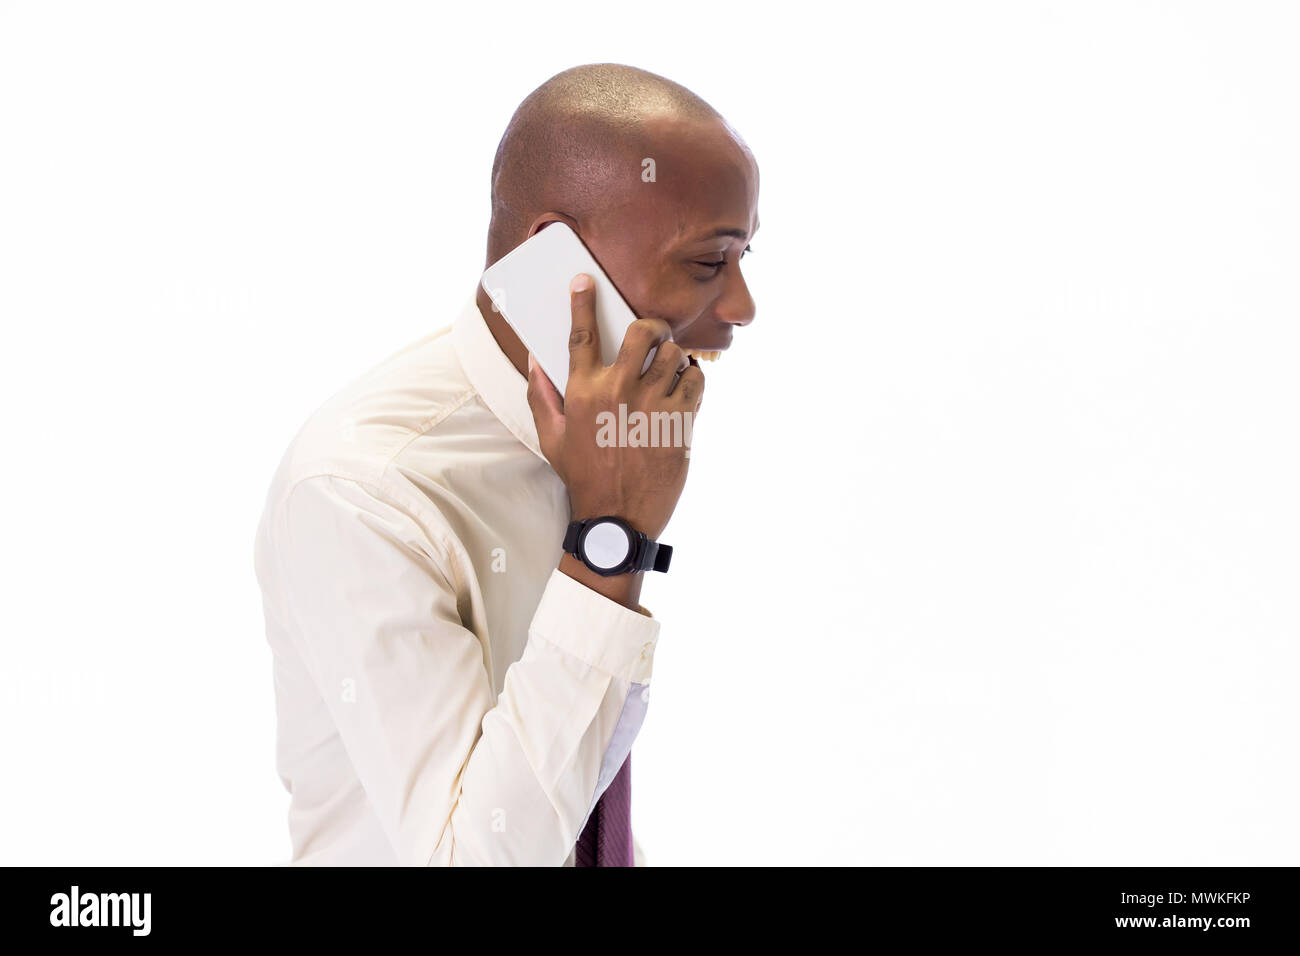 Entusiasmada y feliz hombre afroamericano vistiendo una camisa y corbata hablando por el teléfono, abrumadora con buenas noticias y felicidad Foto de stock